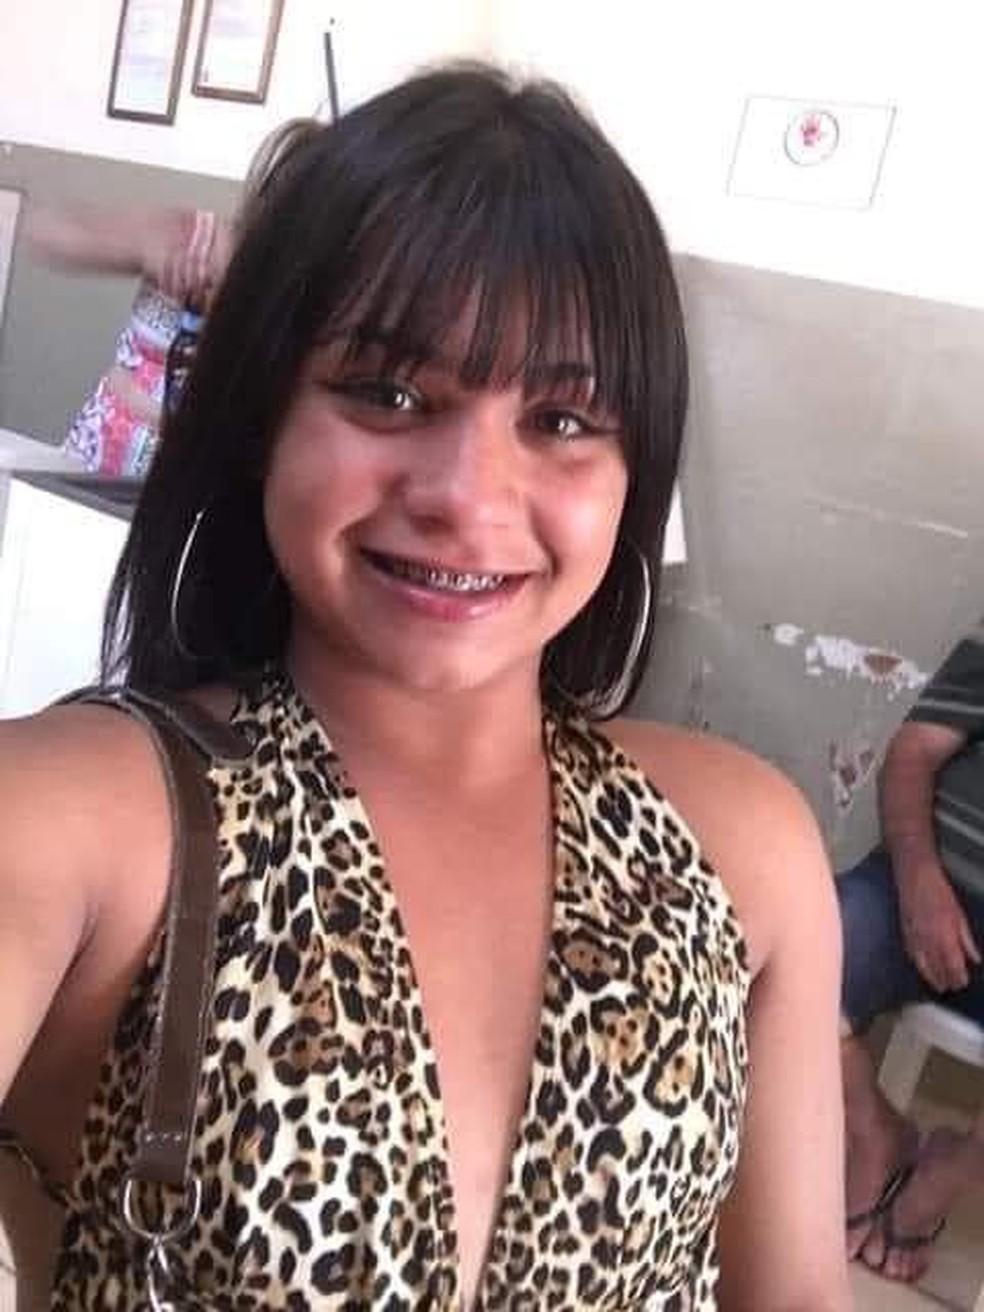 Paolla Bueno, de 17 anos, foi enterrada nesta terça-feira (6) em Ibitinga — Foto: Arquivo pessoal/Tatiana Lobo